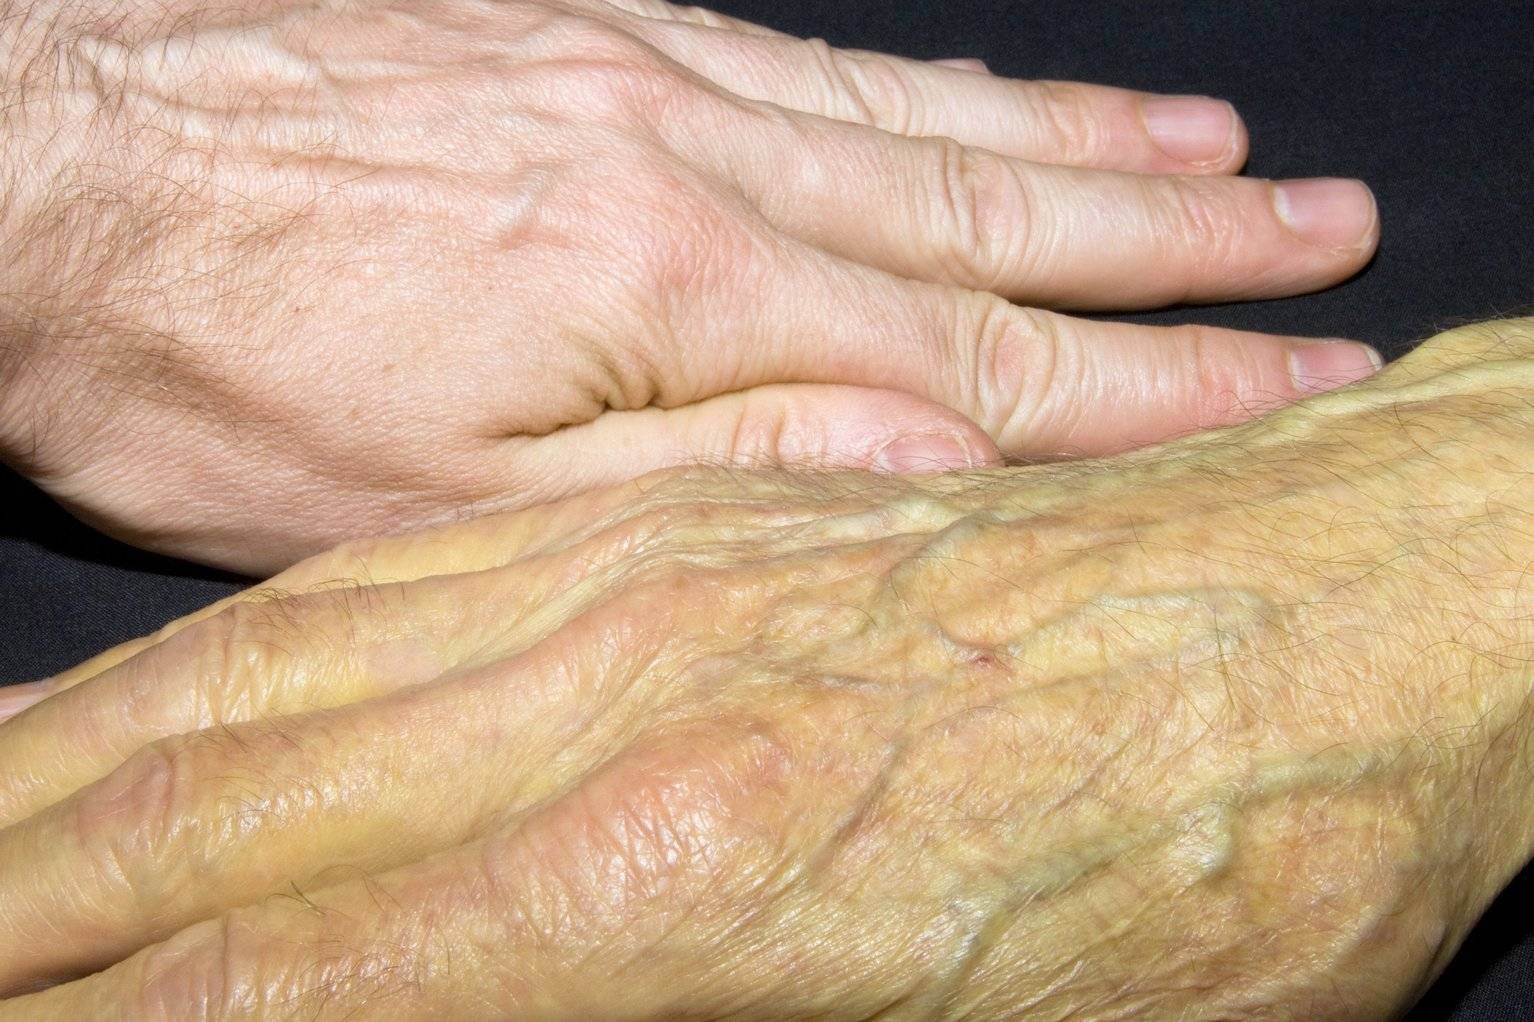 кожные проявления при заболеваниях печени